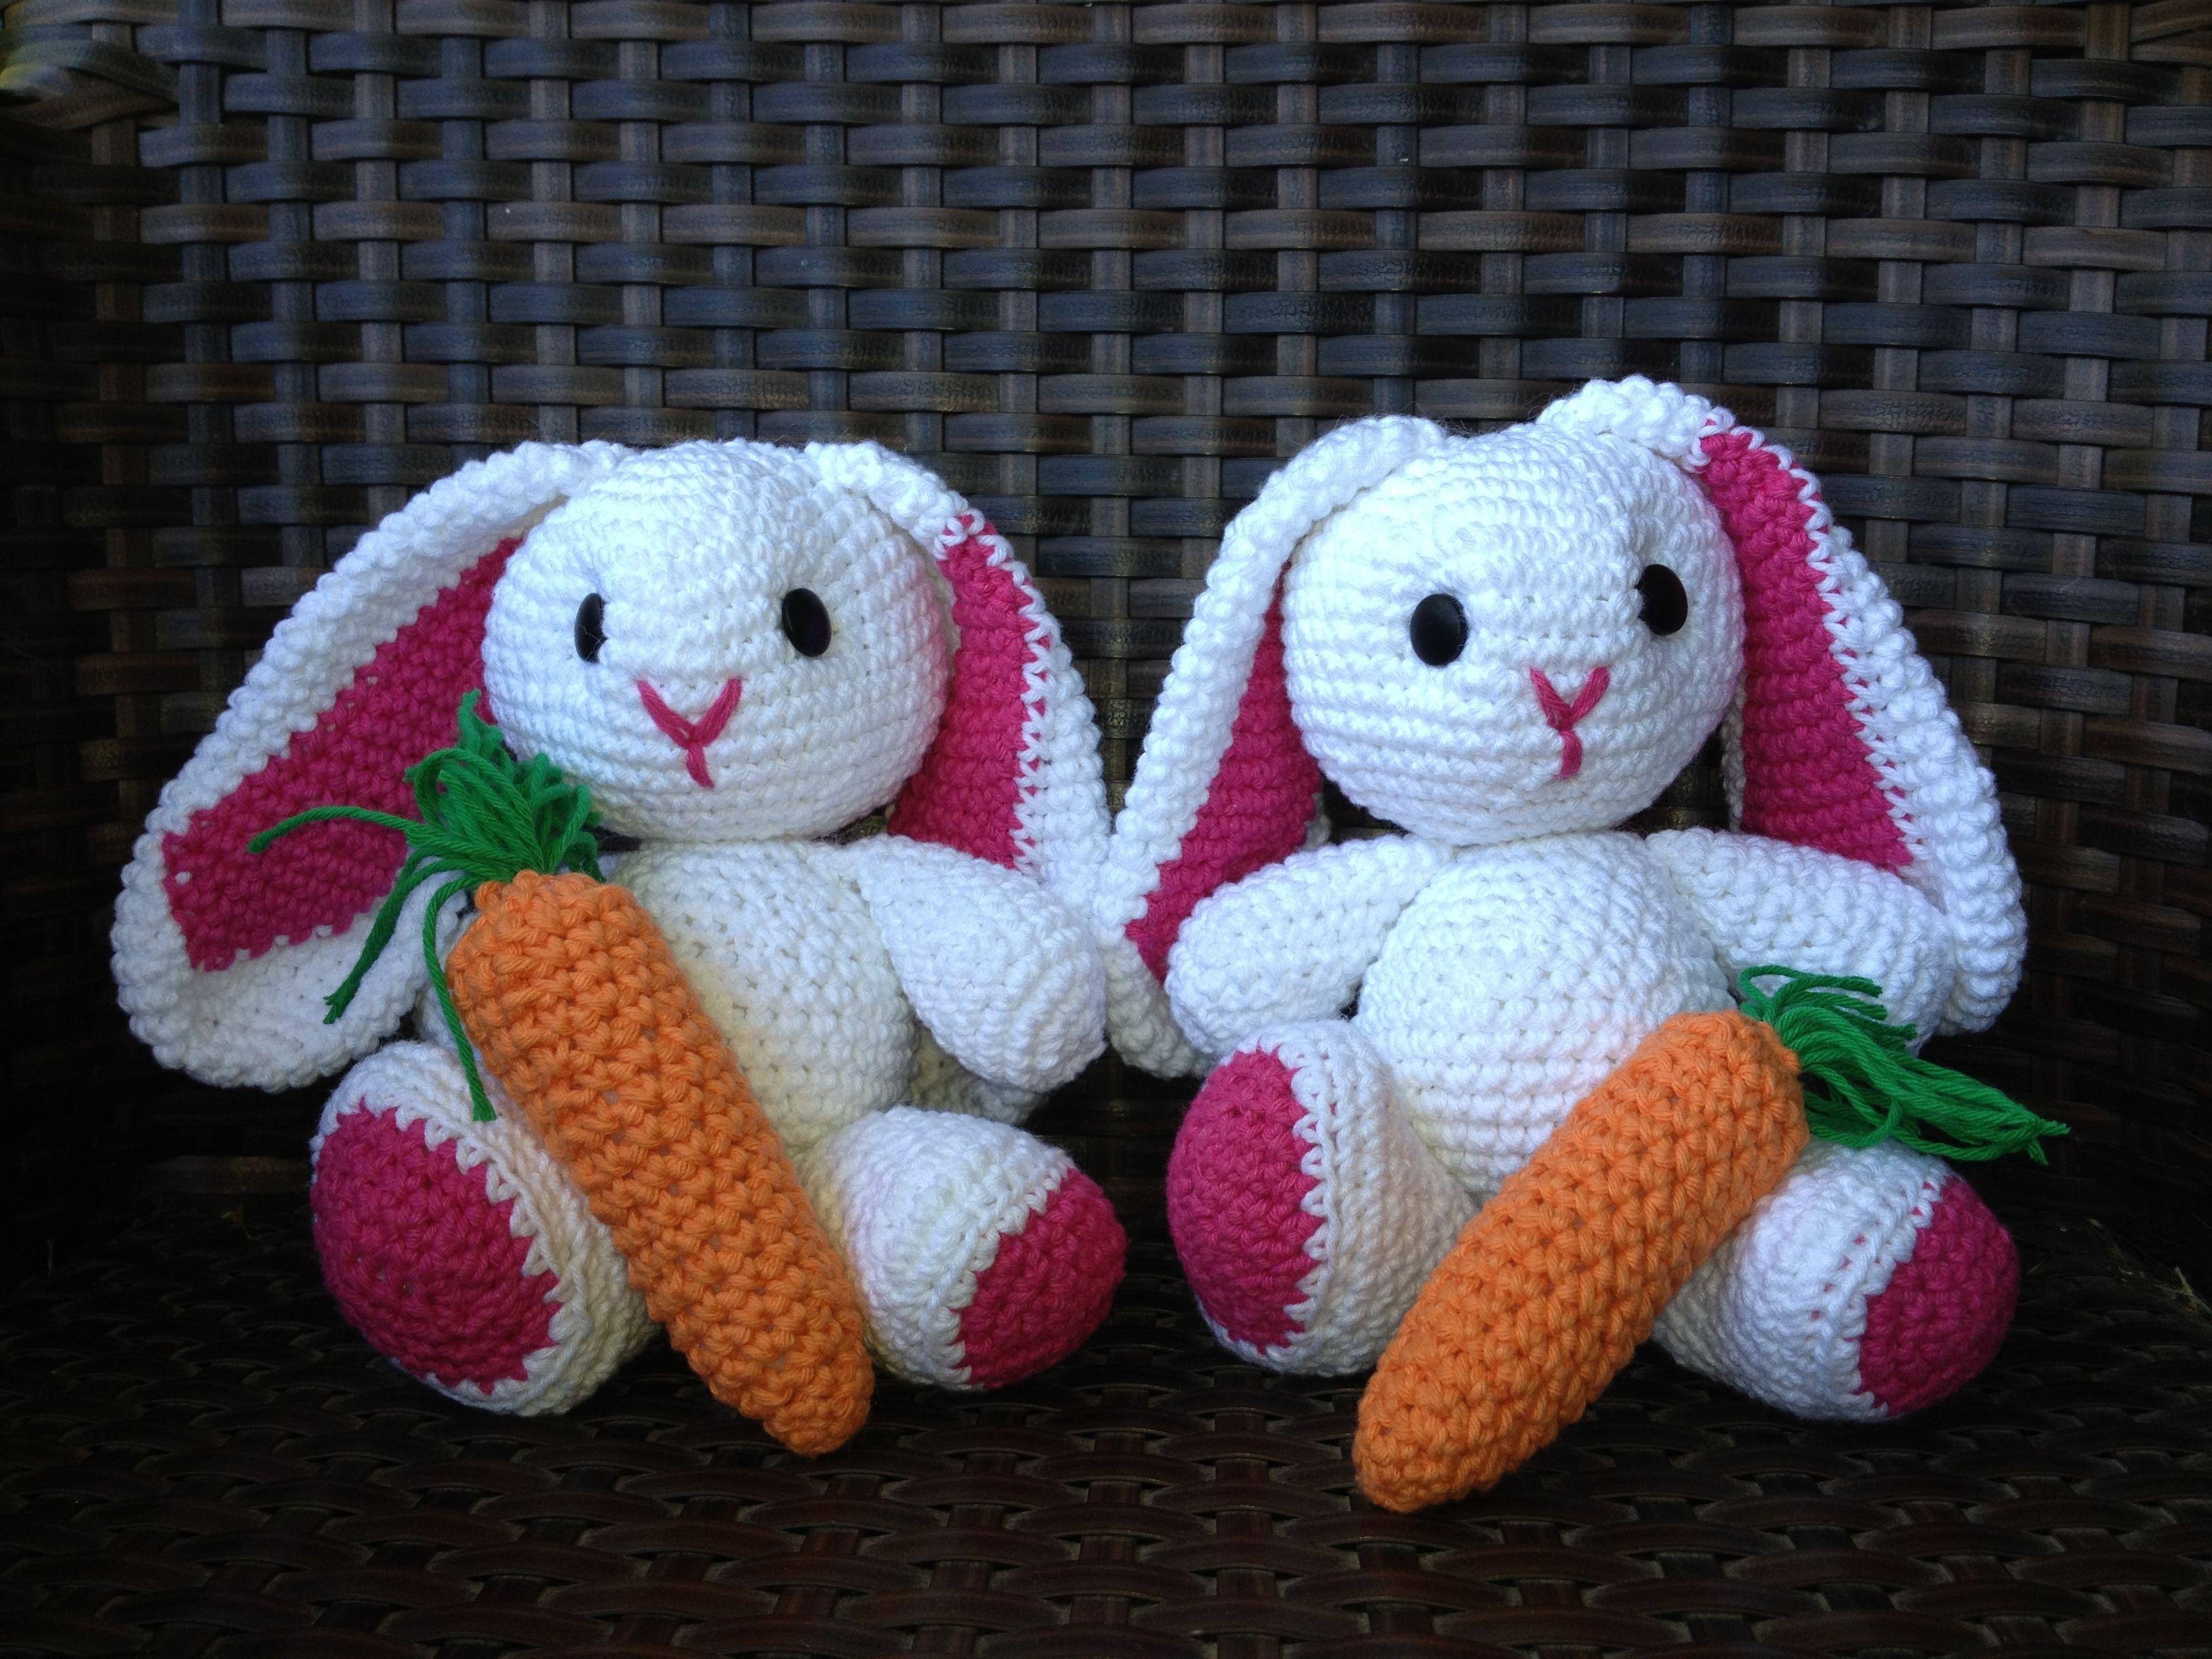 Tejiendoperu Crochet Amigurumis : Haken toy crochet amigurumi conejitos con zanahoria en